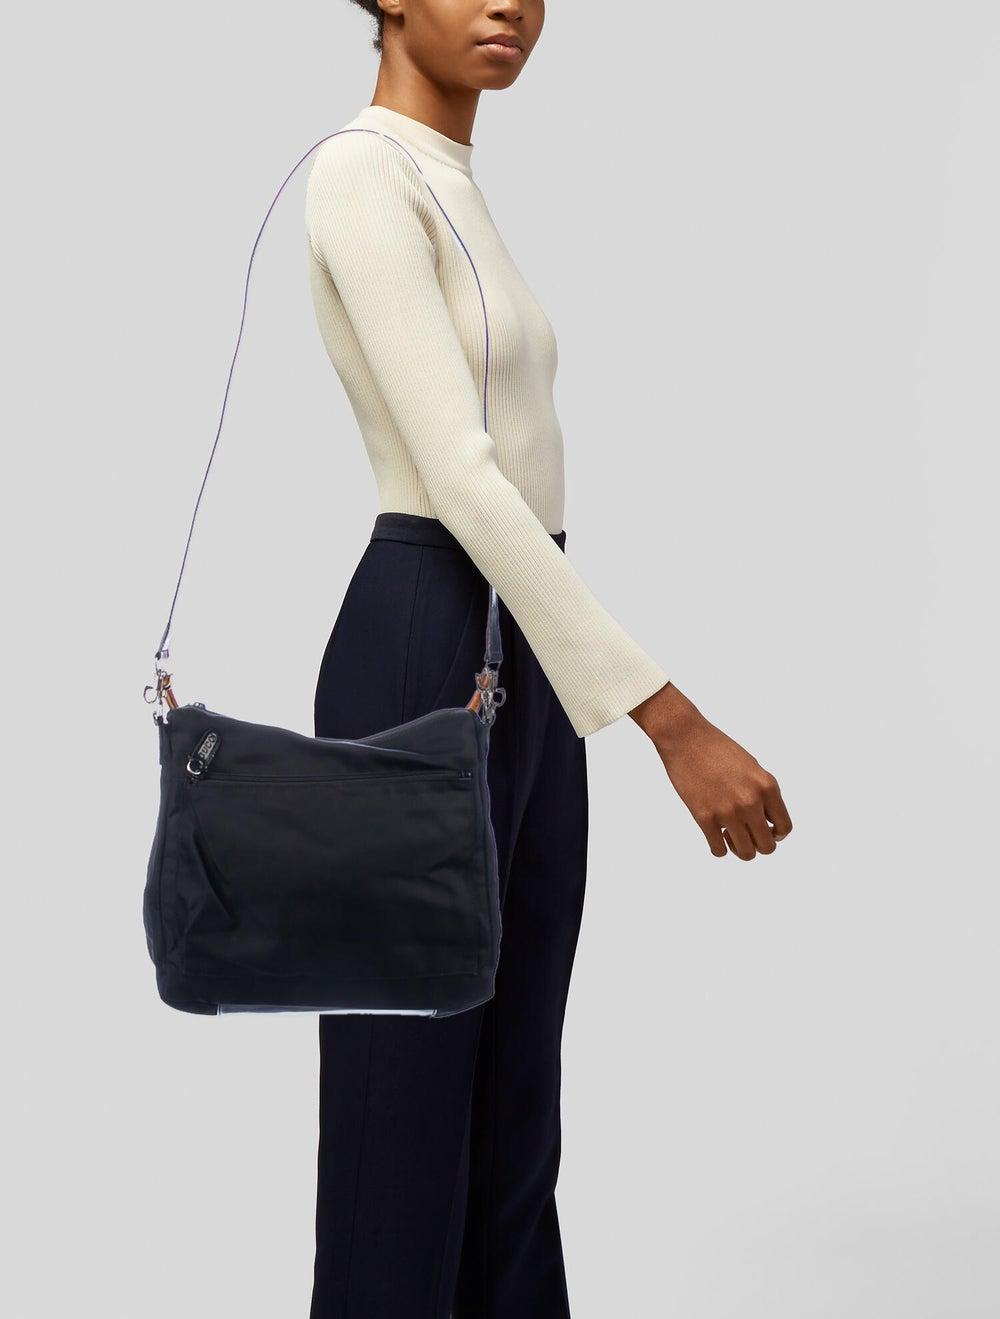 Gucci Vintage Nylon Bamboo Shoulder Bag Black - image 2